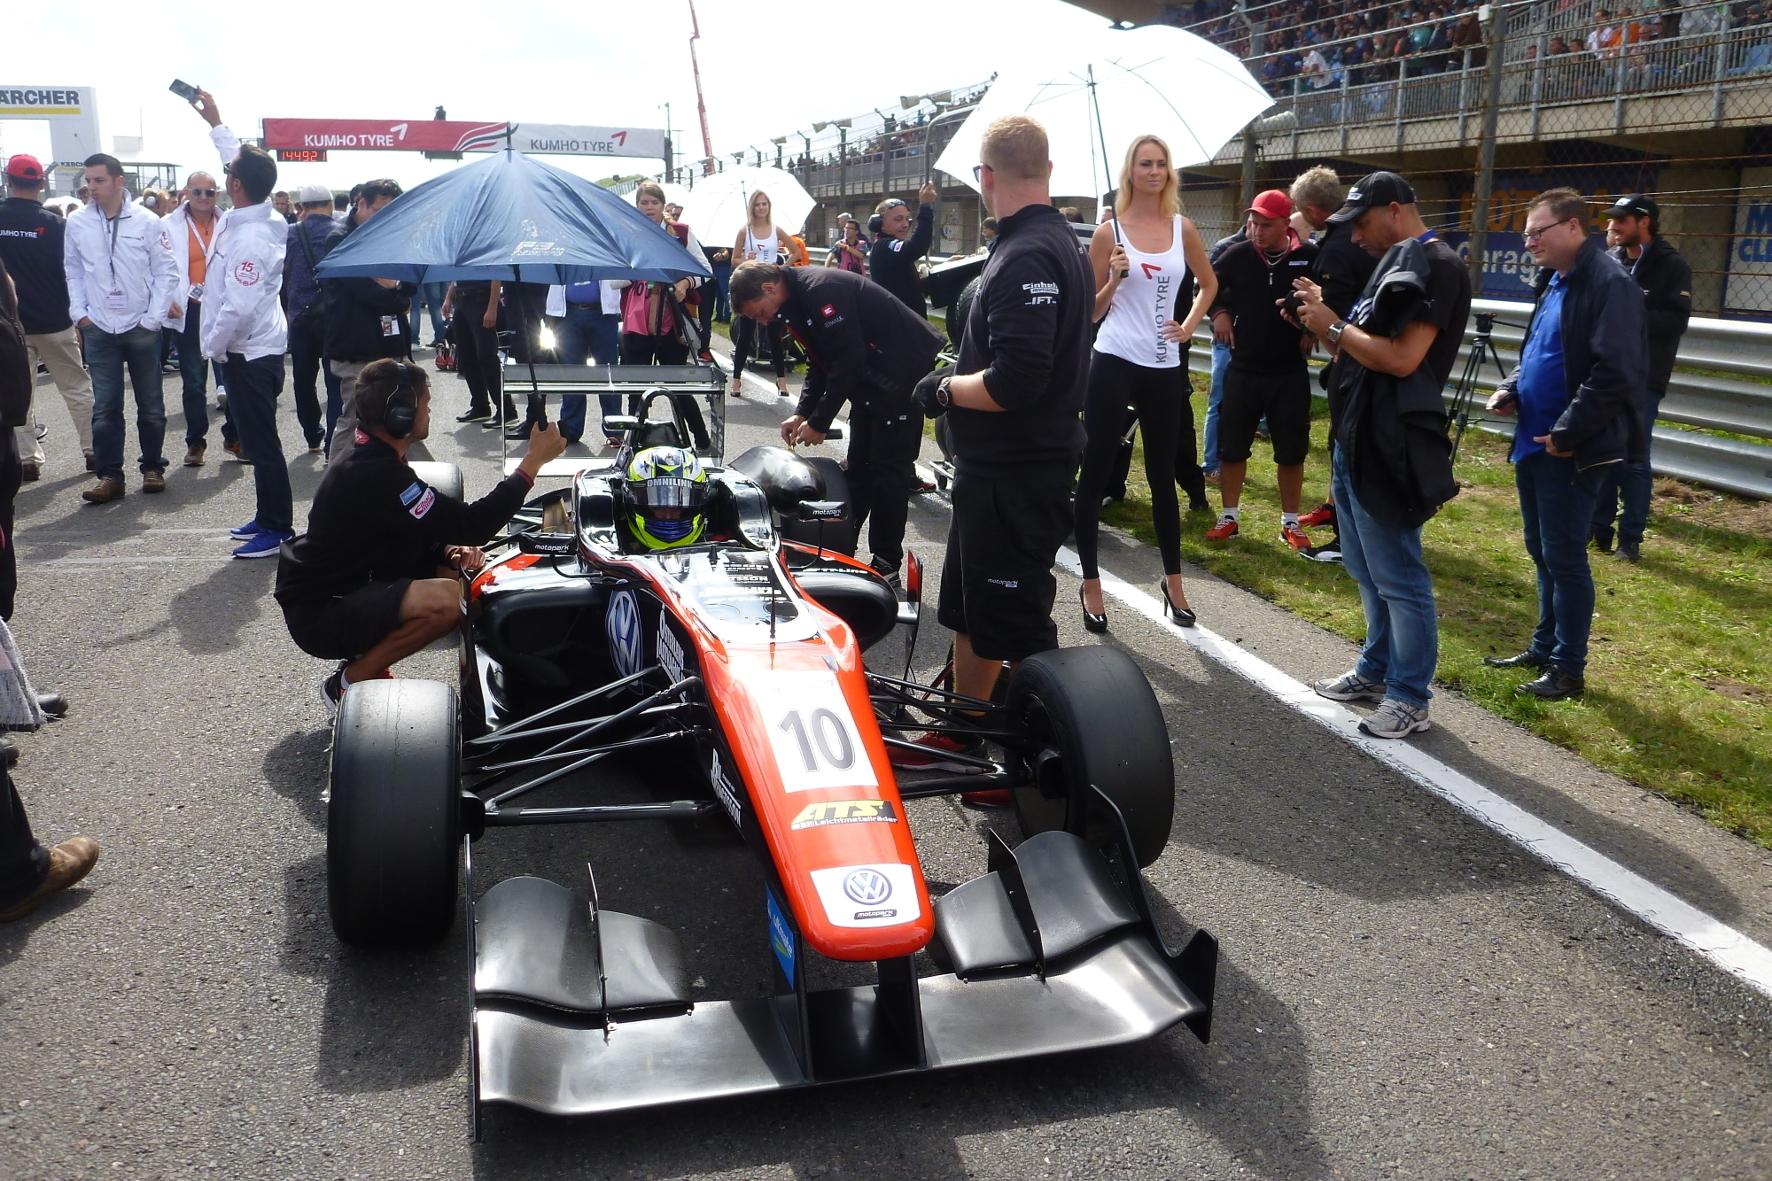 mid Zandvoort - Letztes Briefing vor dem Rennen: Der spätere Gewinner Joel Eriksson mit der Startnummer 10.